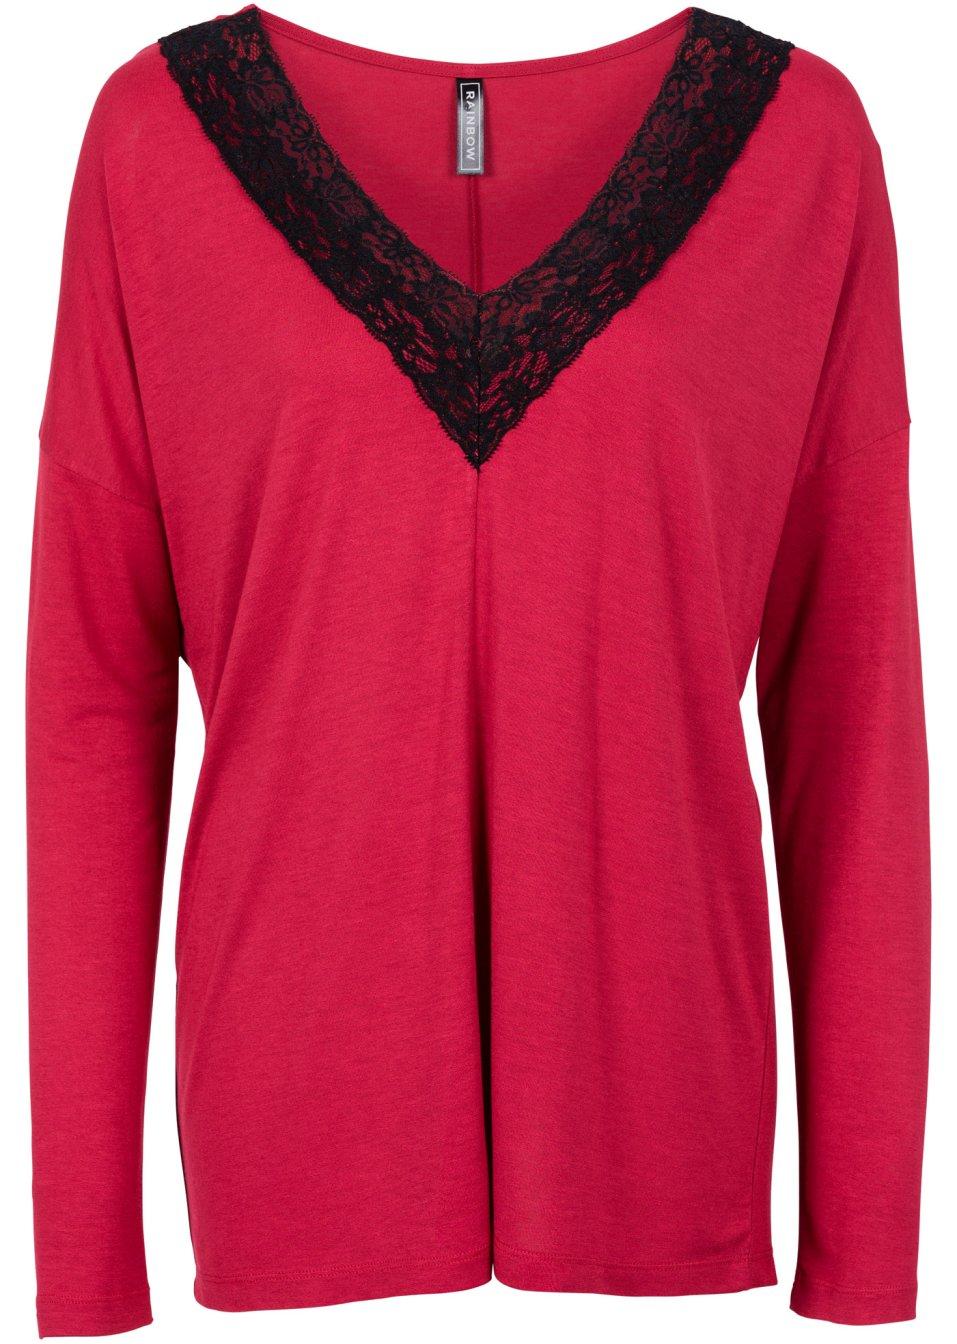 langarmshirt mit spitze oversized rot schwarz online. Black Bedroom Furniture Sets. Home Design Ideas